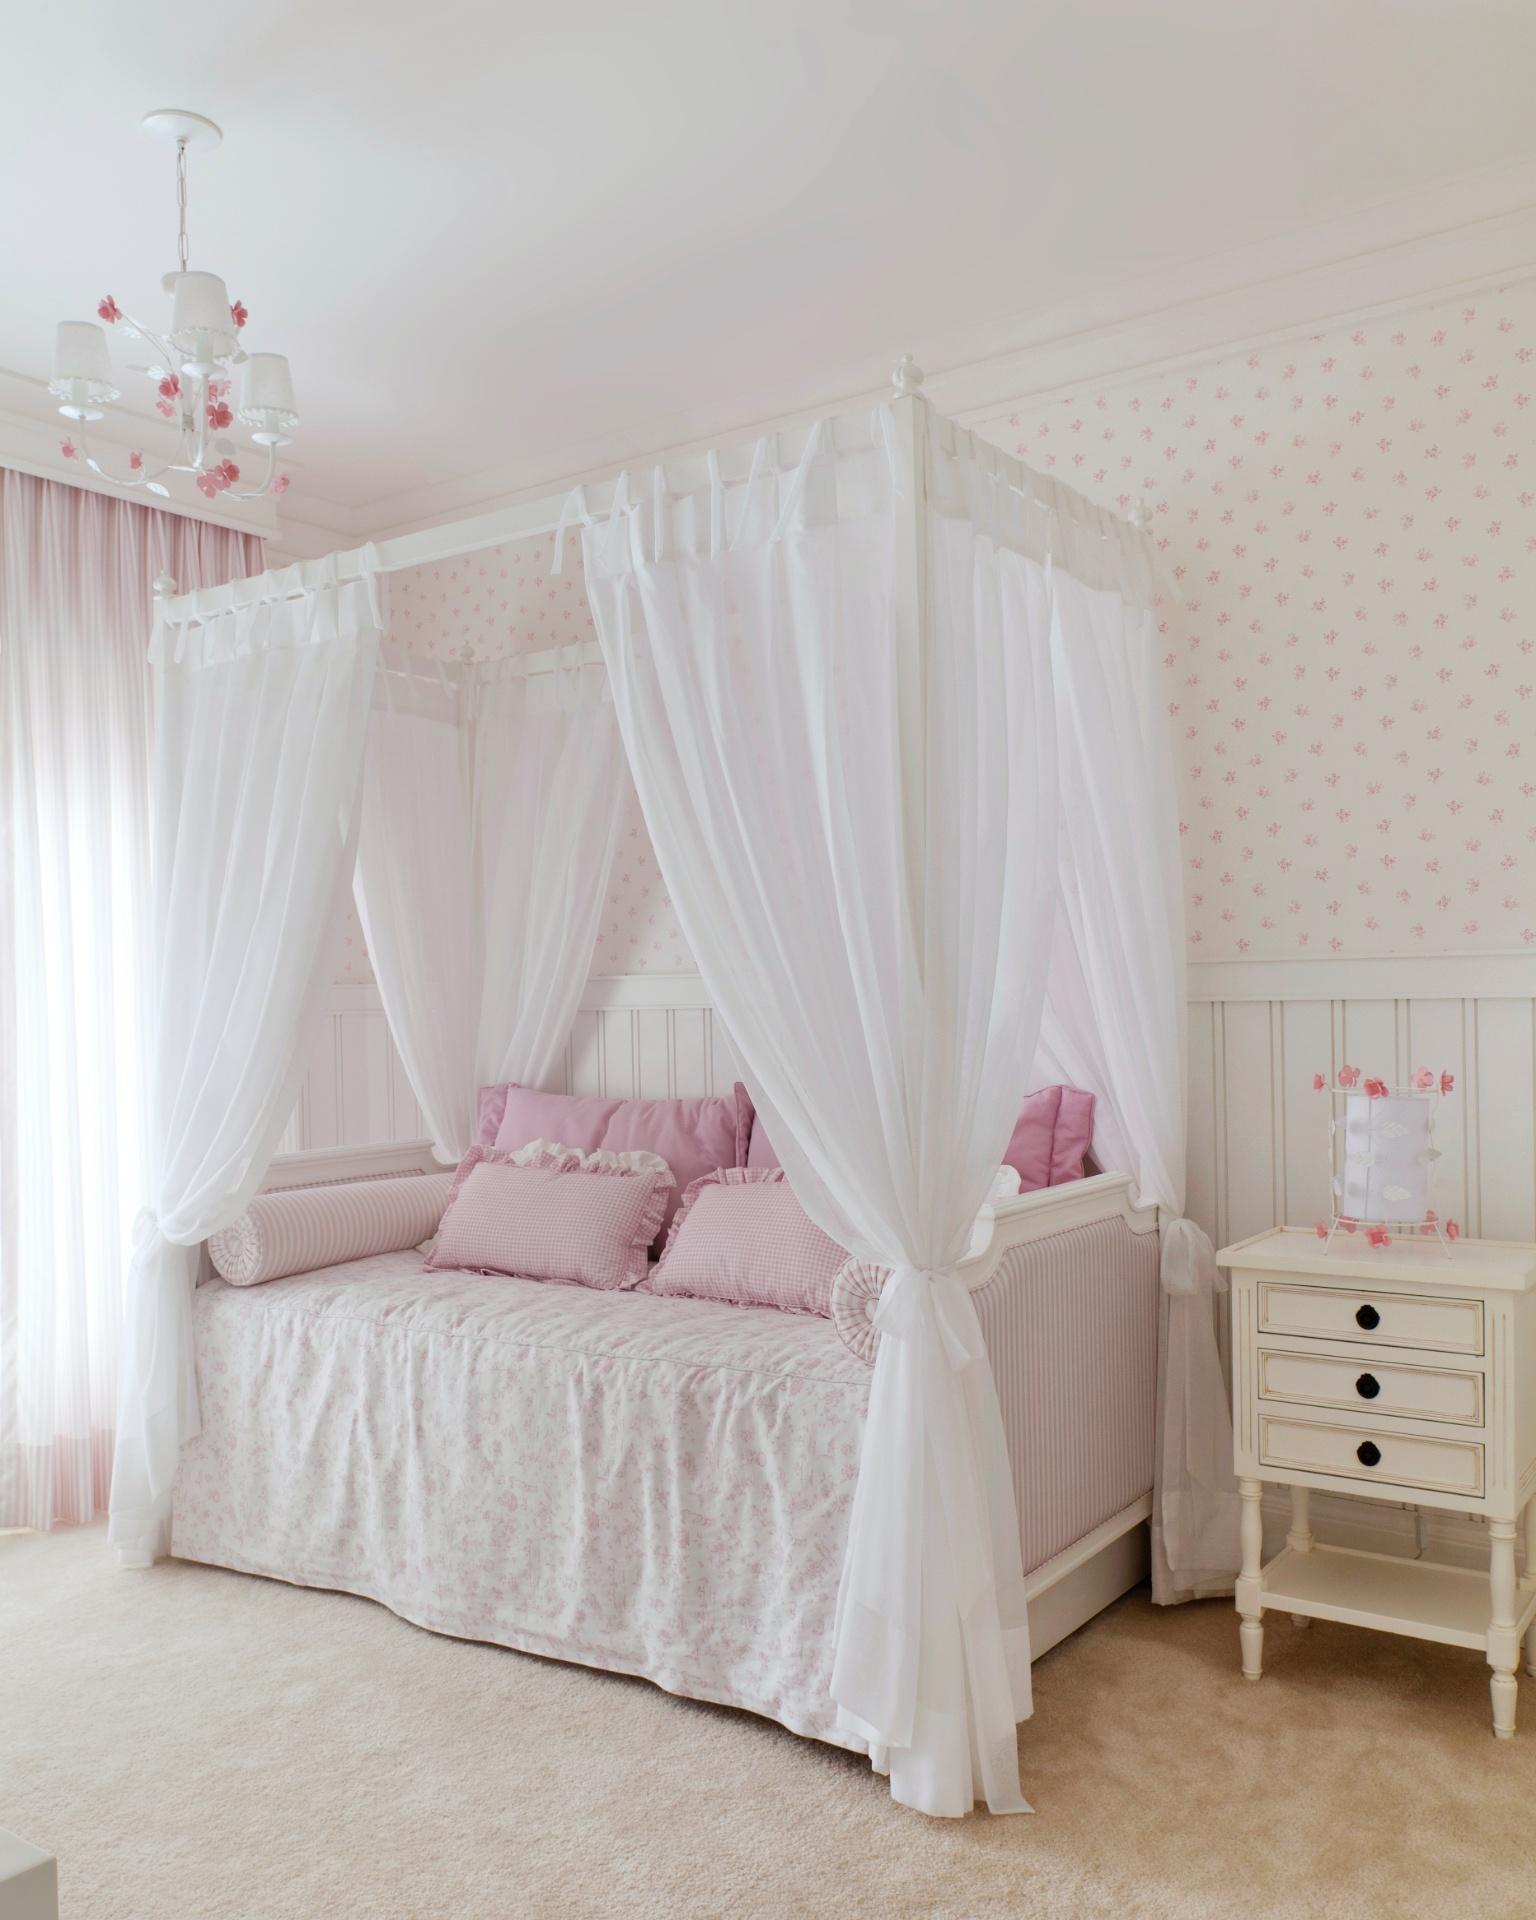 Projetado pelo arquiteto Bruno Batistela, da Kwartet Arquitetura, o dormitório de menina ganha ares de quarto de princesa. A cama é feita em madeira laqueada e o voal que recobre o móvel é de algodão